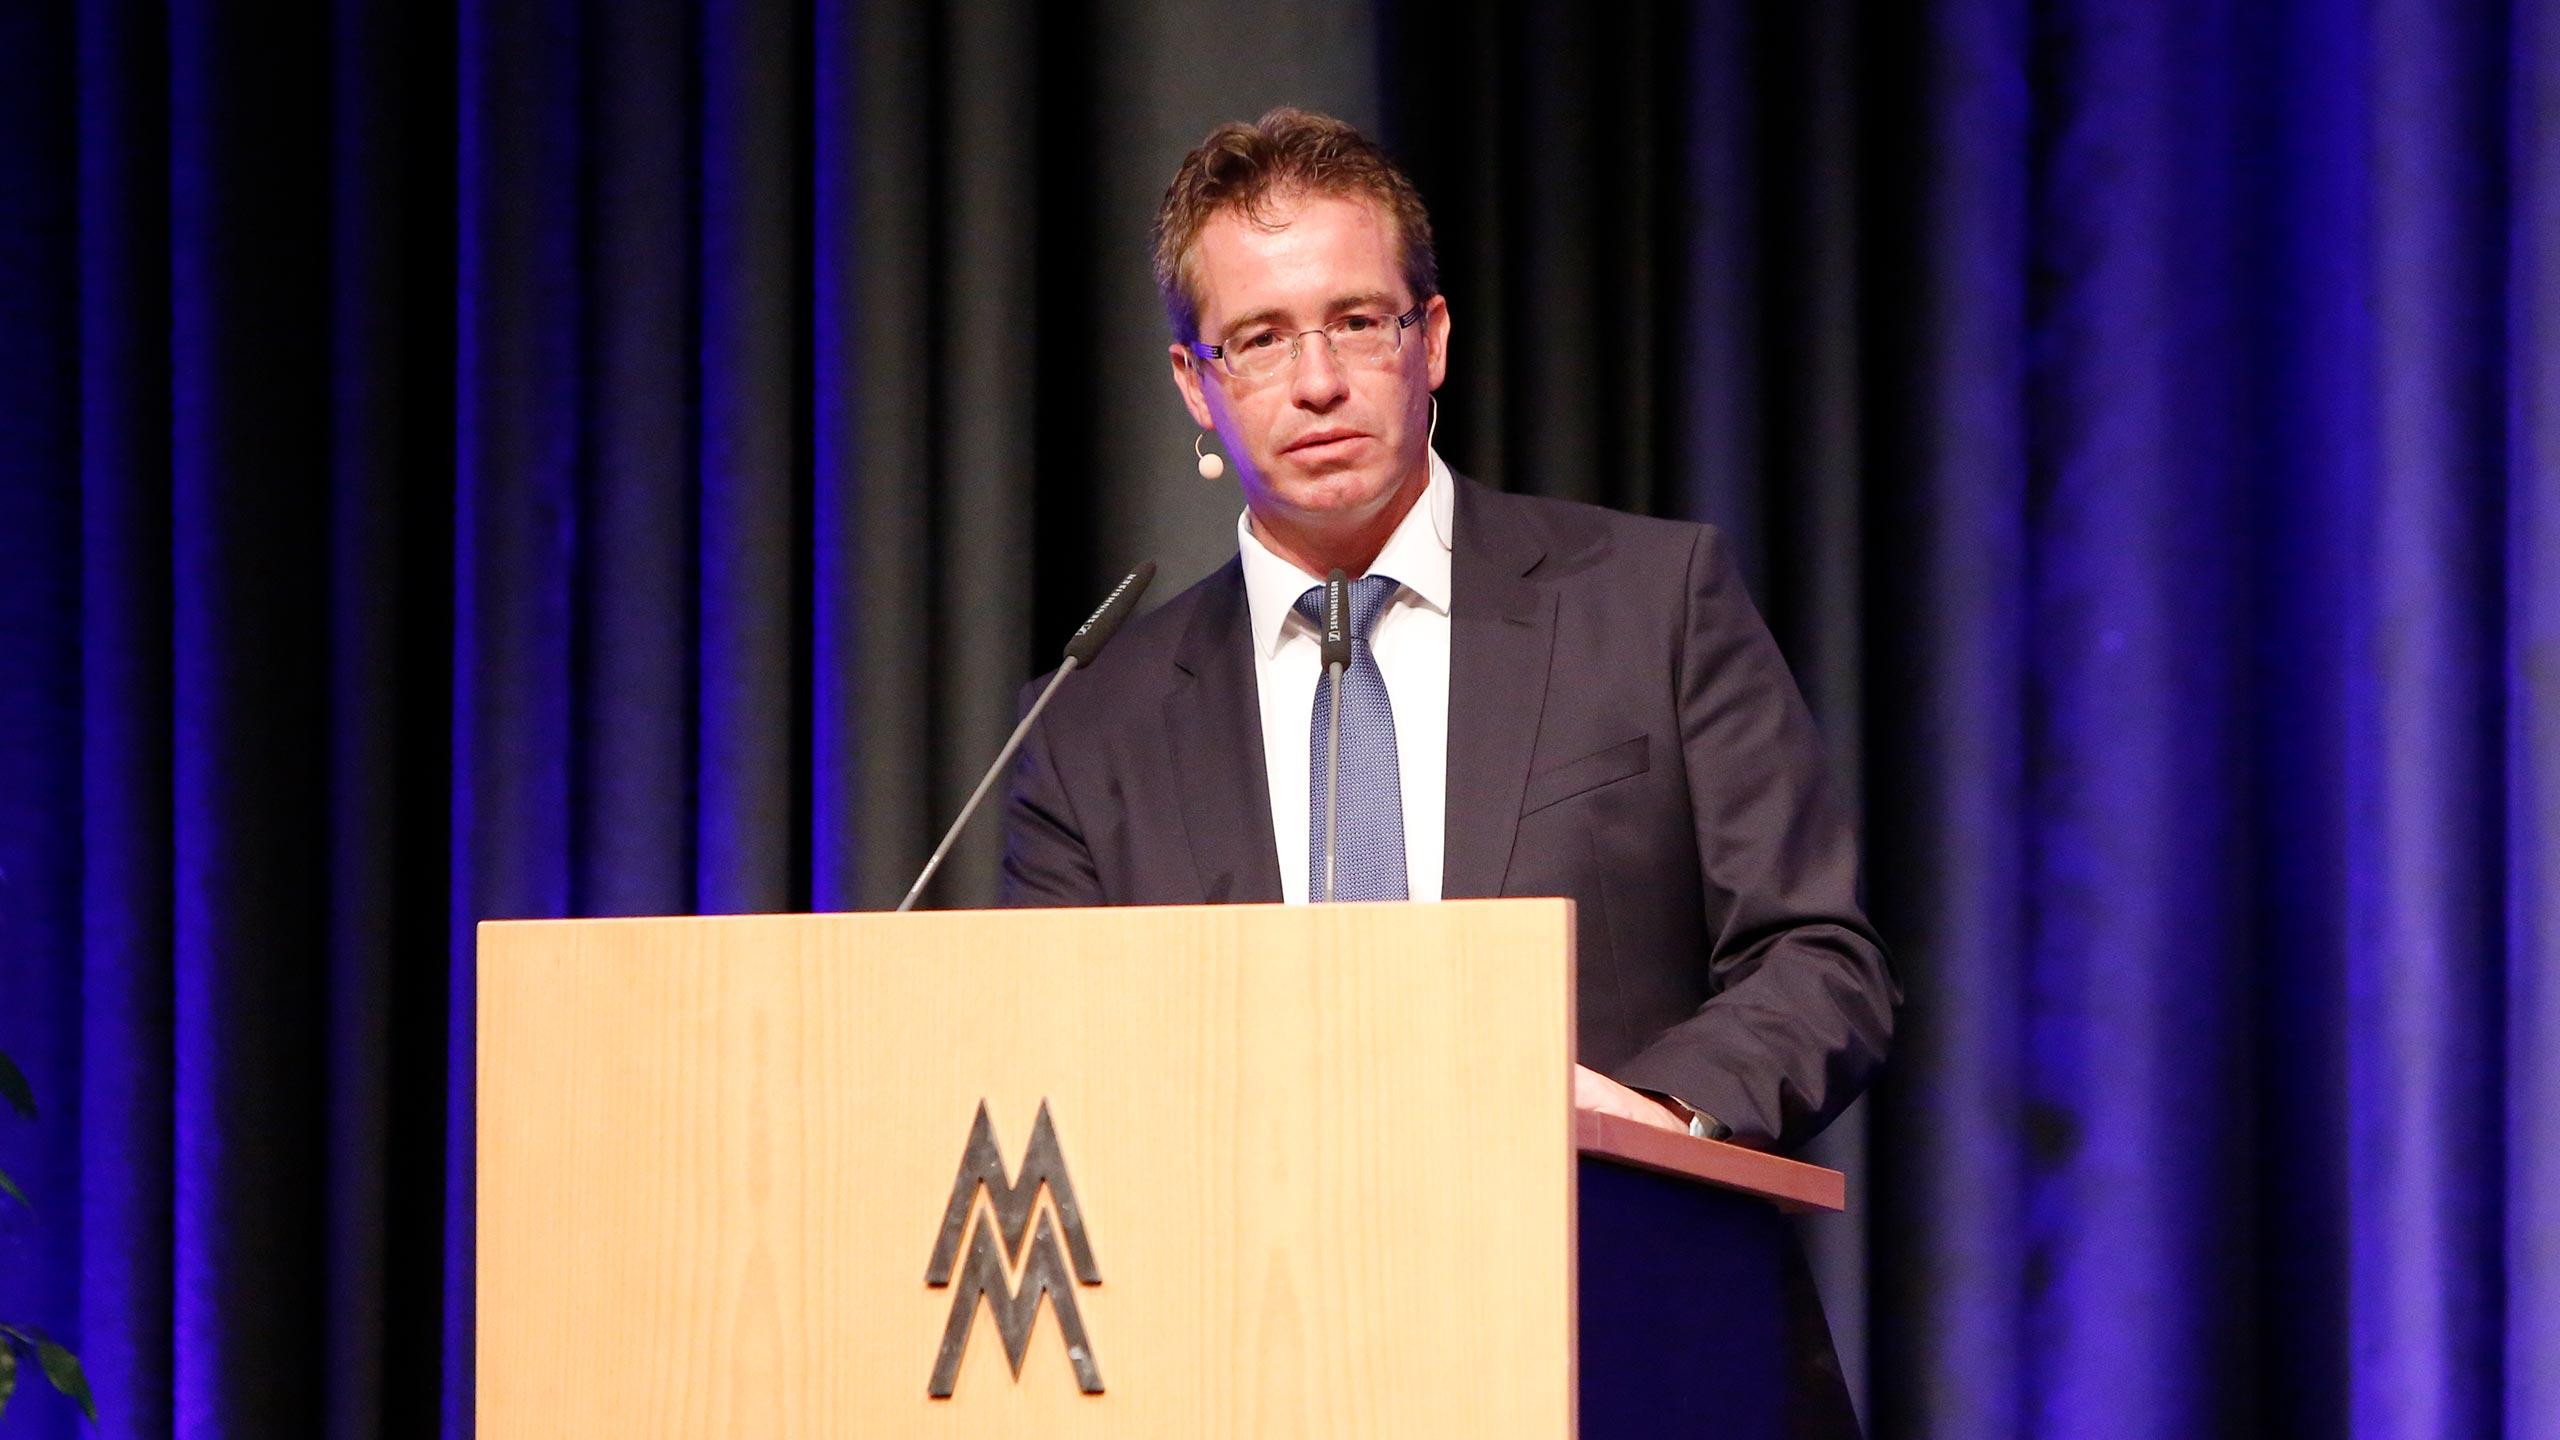 MD Projektmanagement wird mit dem Bernhard-Remmers-Preis 2016 ausgezeichnet.